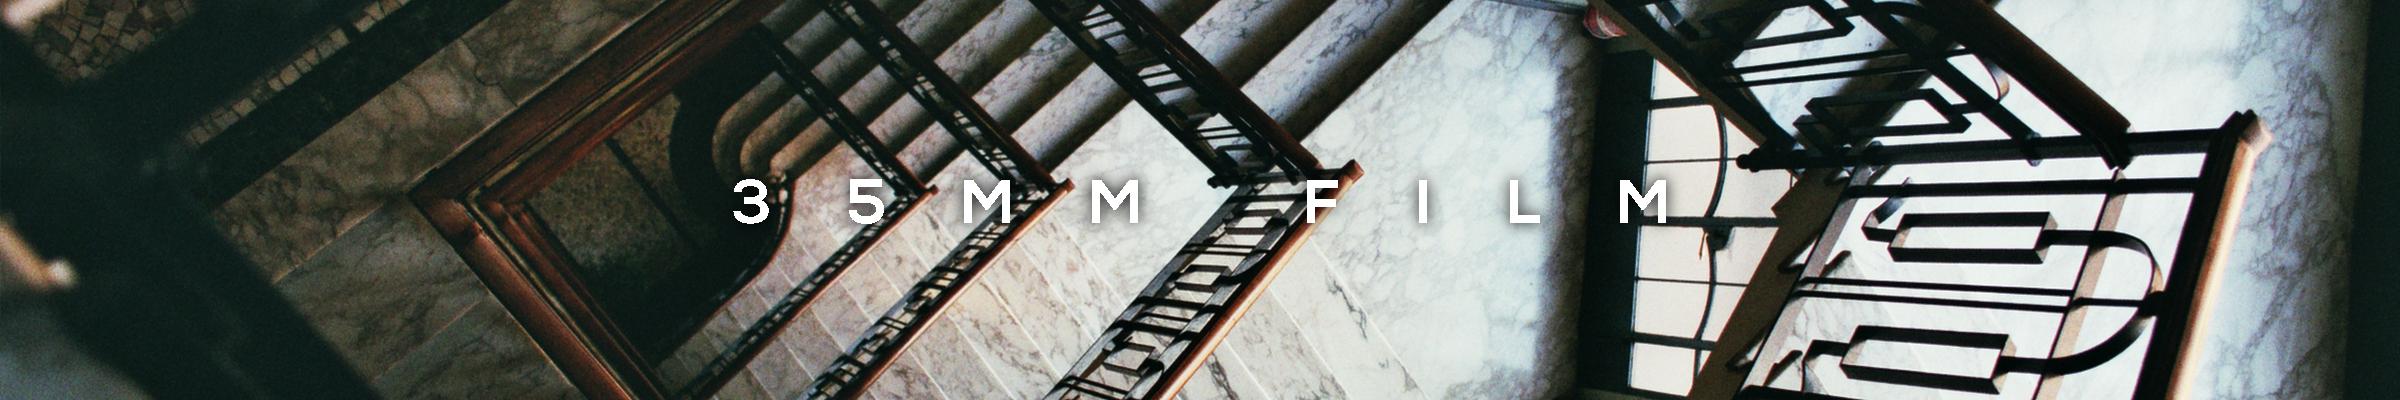 35mmFilmV1.jpg